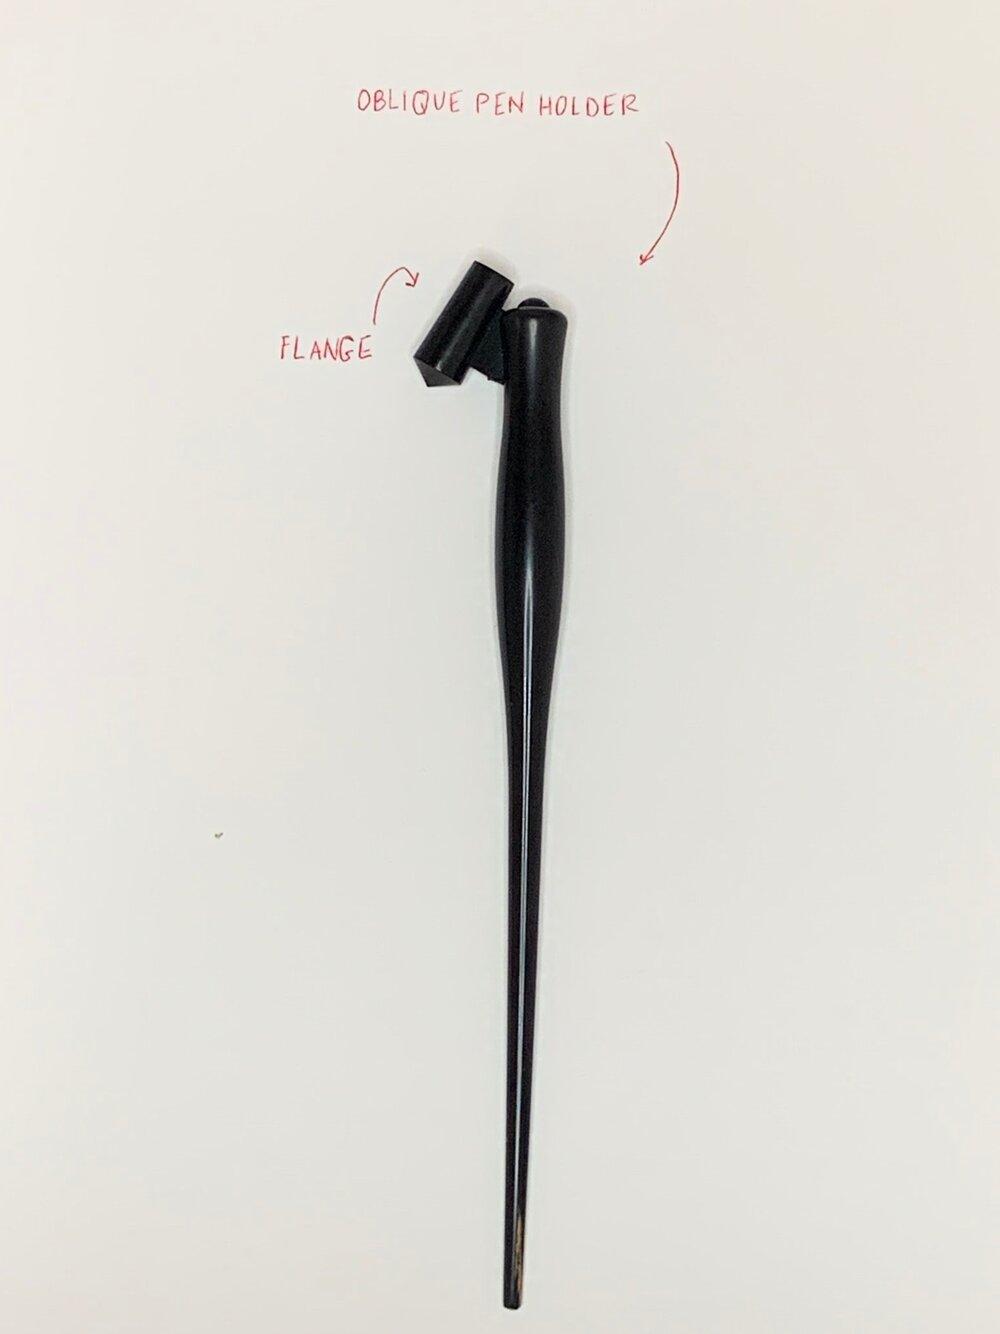 Oblique Pen Holder - parts